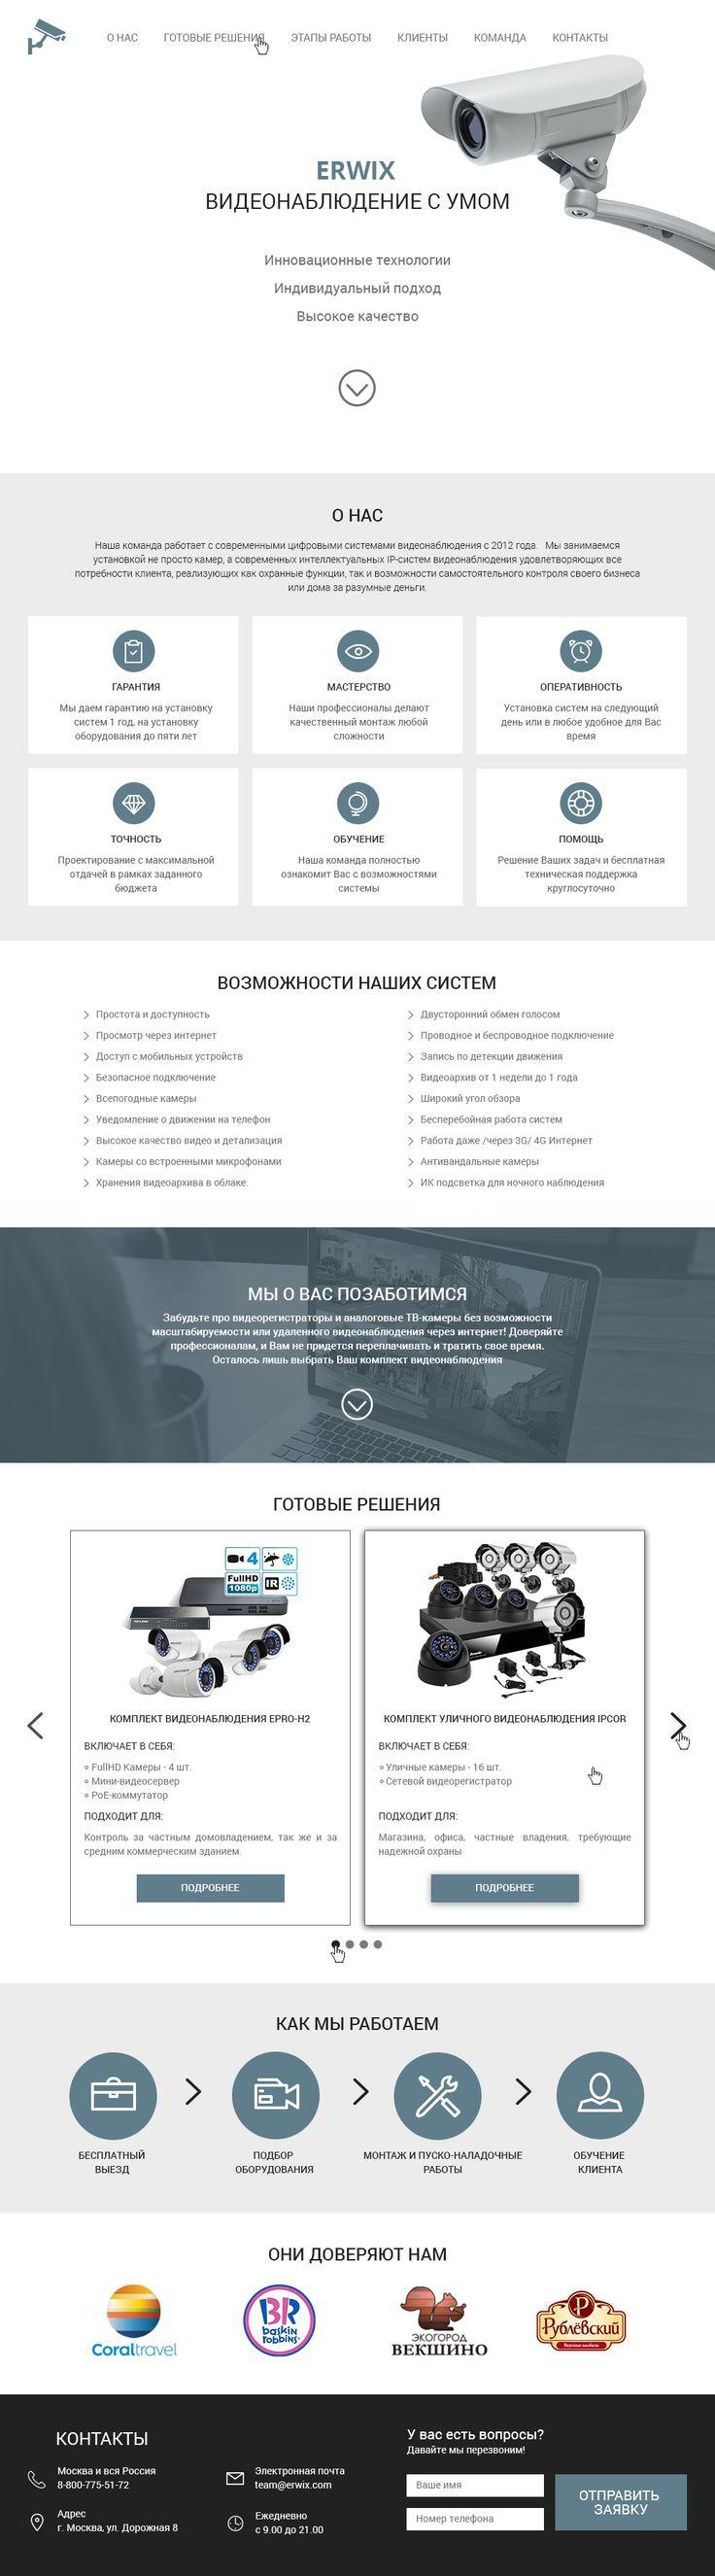 Видеонаблюдение с умом #лэндинг #веб-дизайн #видео #продажа #сайт #веб-страница #дизайн #веб-дизайнер #портфолио